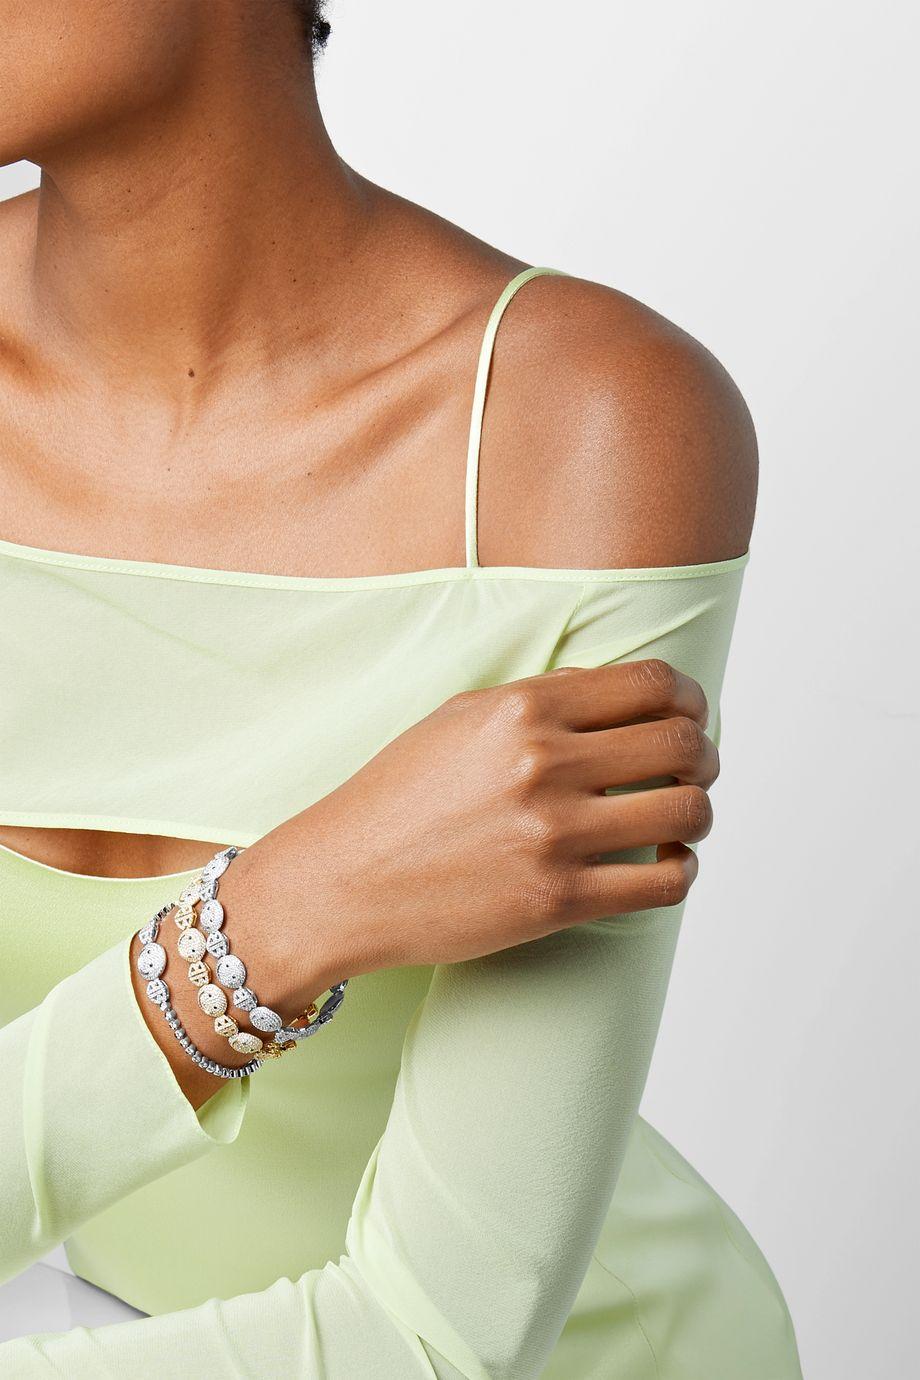 Lorraine Schwartz 18-karat white gold diamond bracelet